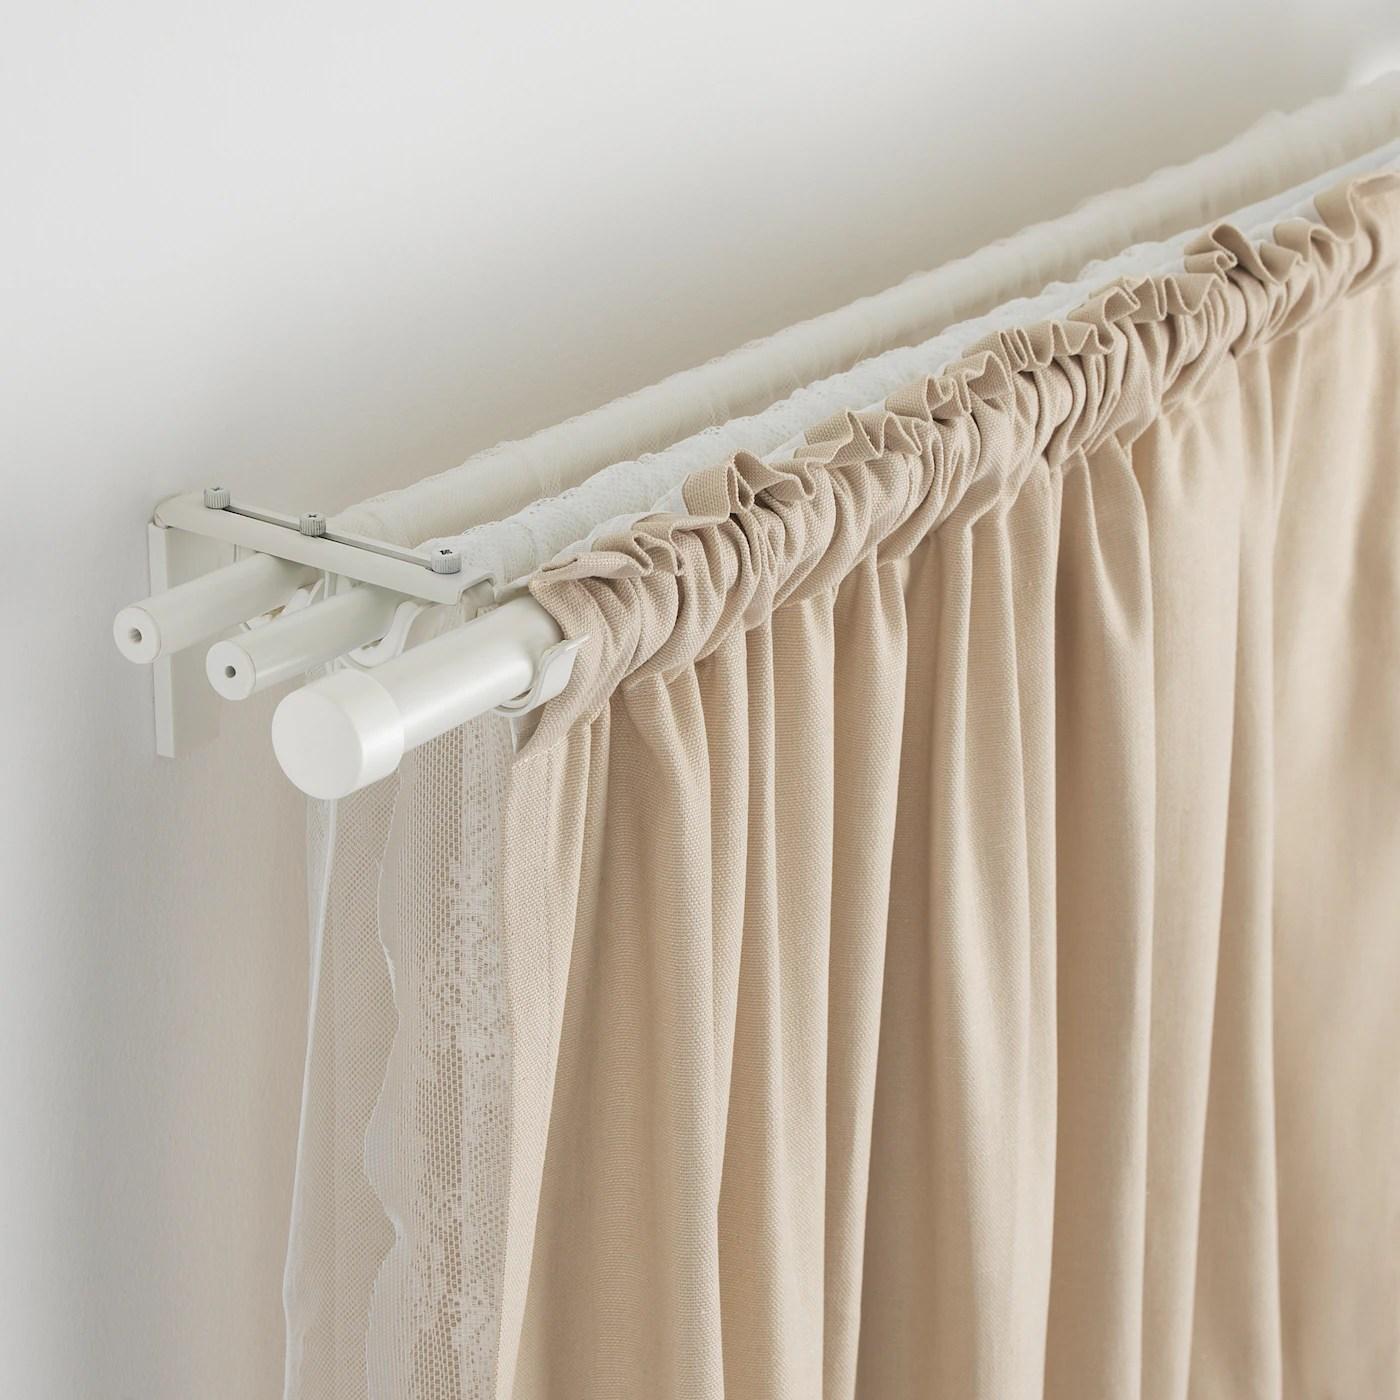 hugad tringle a rideau blanc 210 385 cm